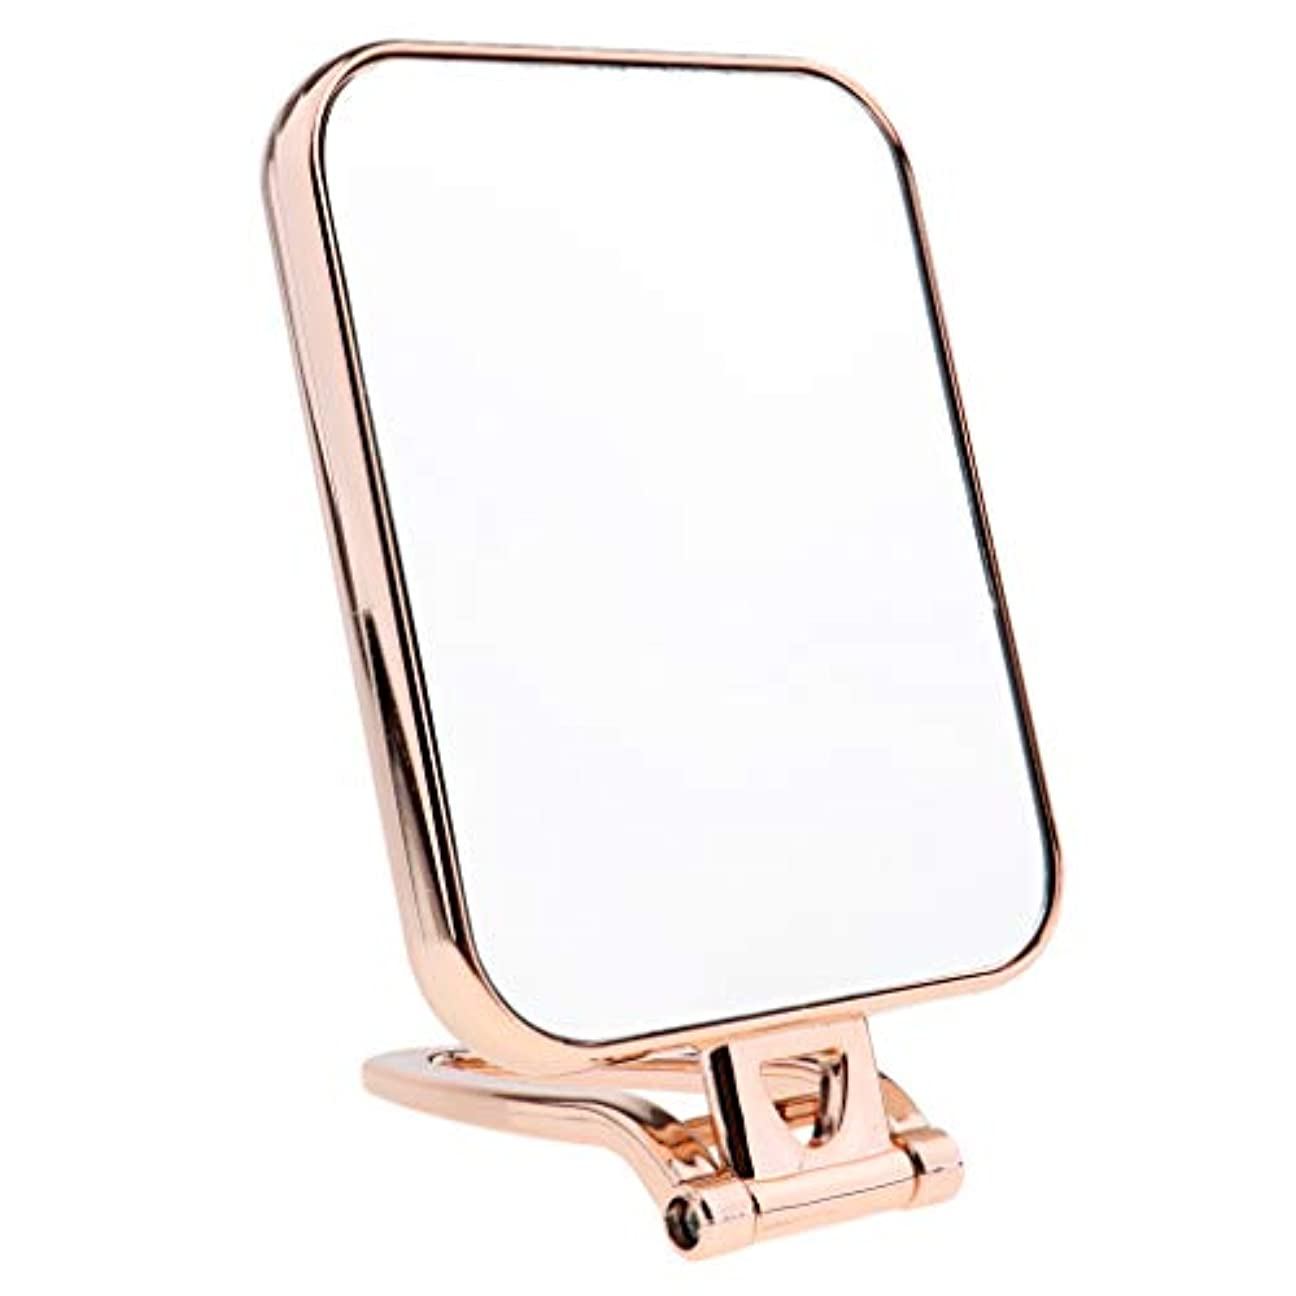 緊張する兄弟愛メトリック3色選択 スクエア 化粧鏡 化粧台ミラー スタンド付き 卓上ミラー 両面ミラー 両面鏡 - ゴールド